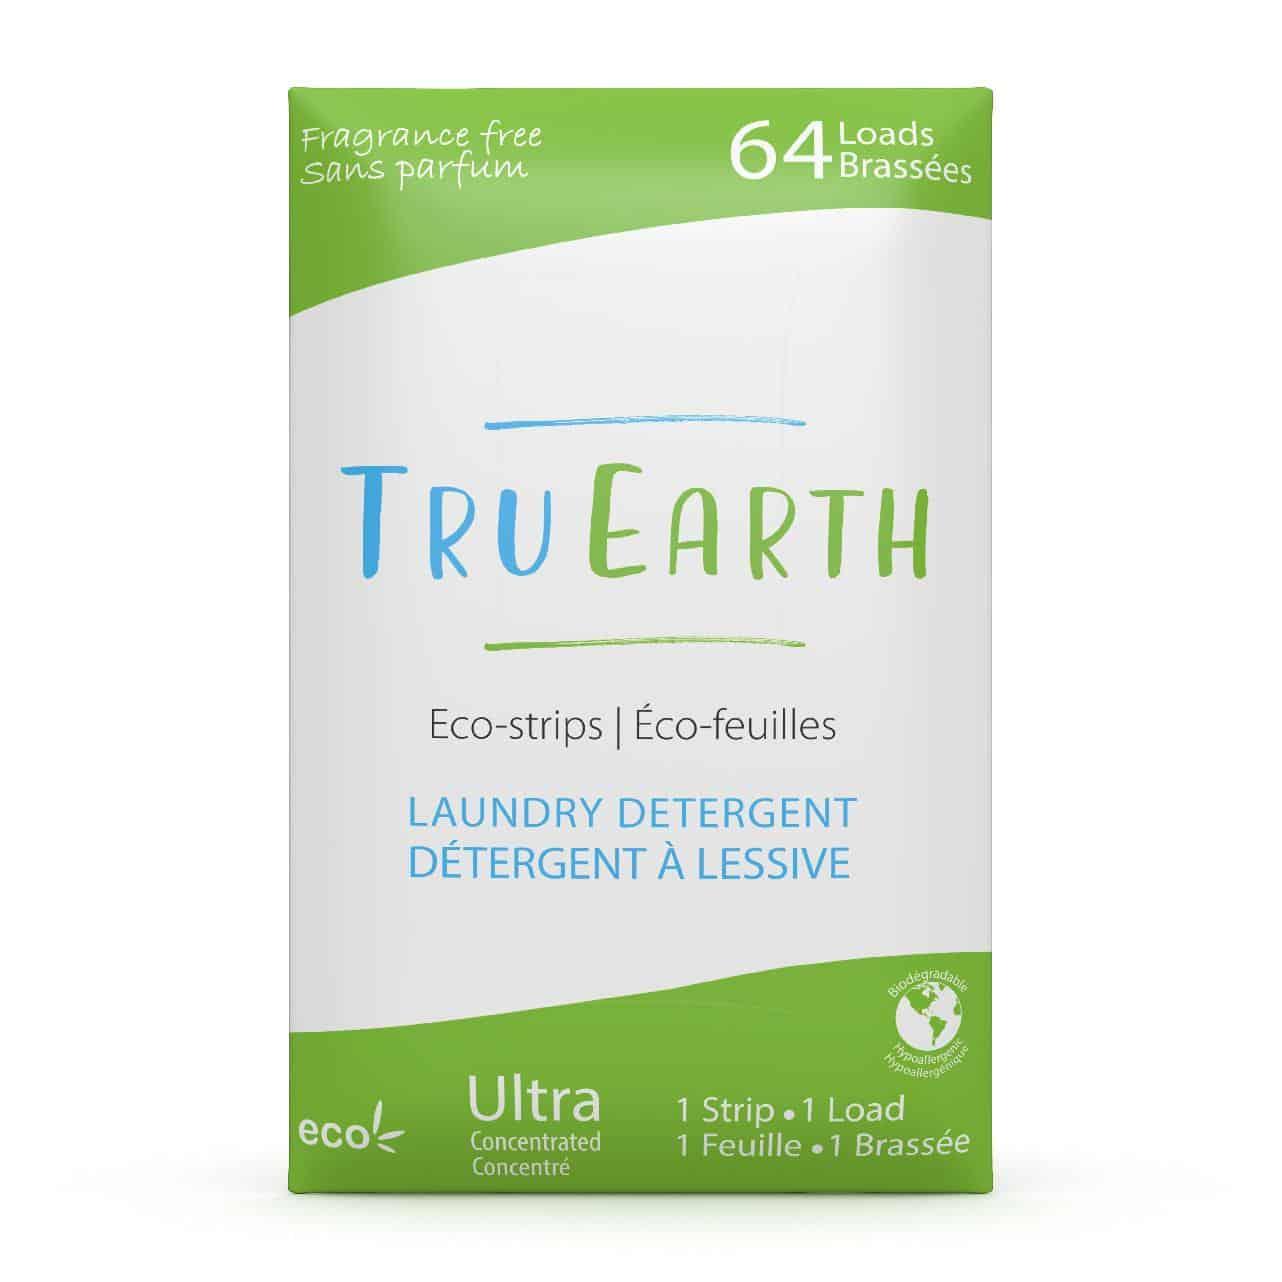 Tru Earth - Tru Earth Eco-strips Laundry Detergent (Fragrance-free) – 64 Loads | NOW: $35.95